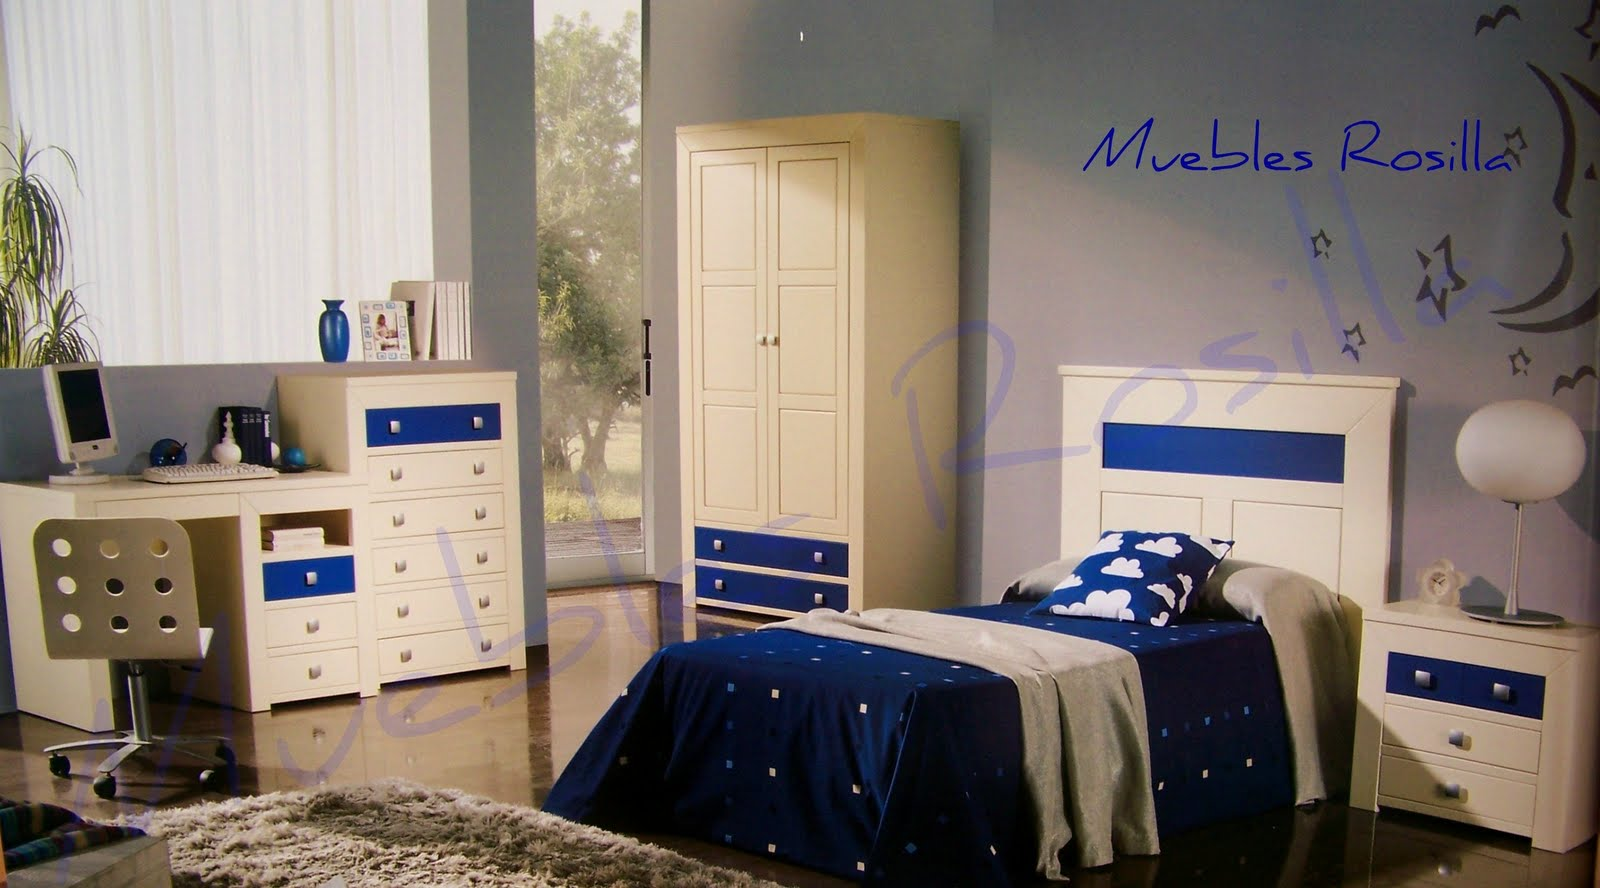 Muebles rosilla herv s dormitorio juvenil lacado en for Muebles hervas